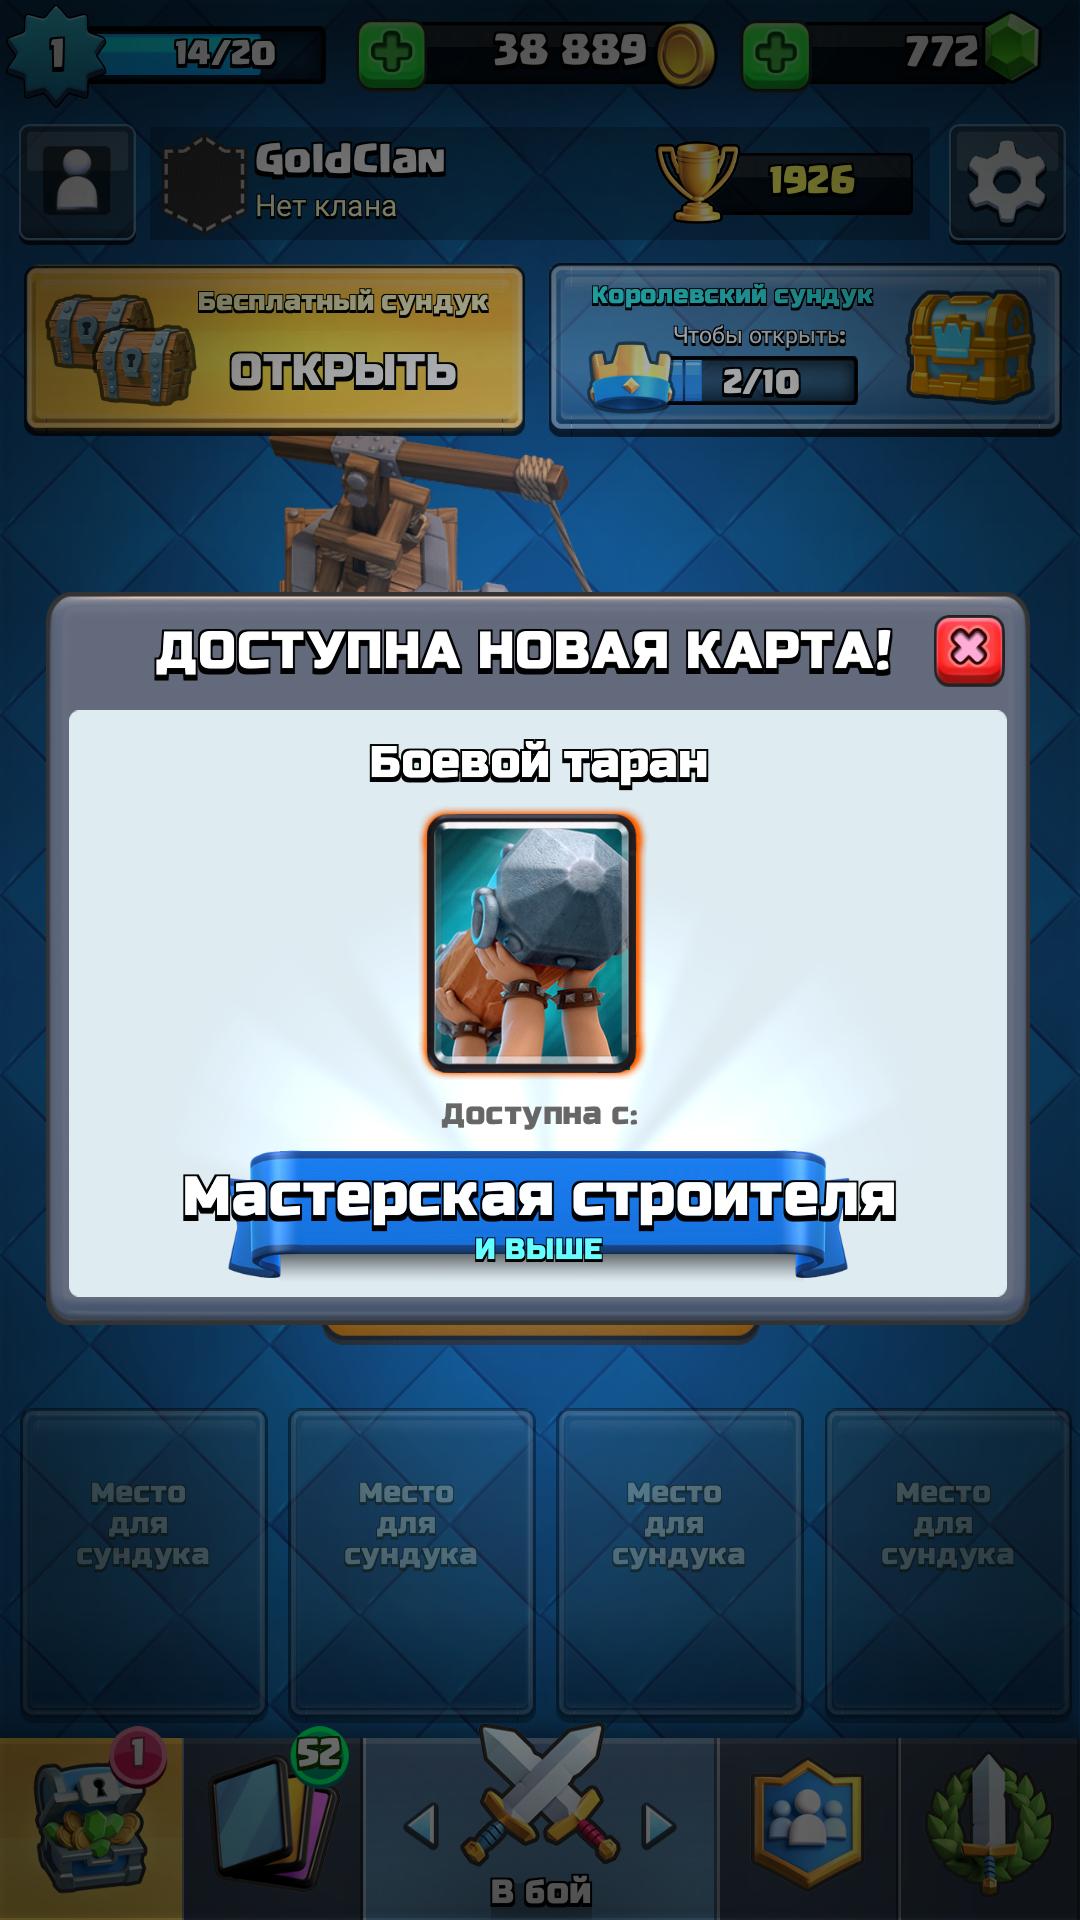 Доступна новая карта: Боевой таран Clash Royale